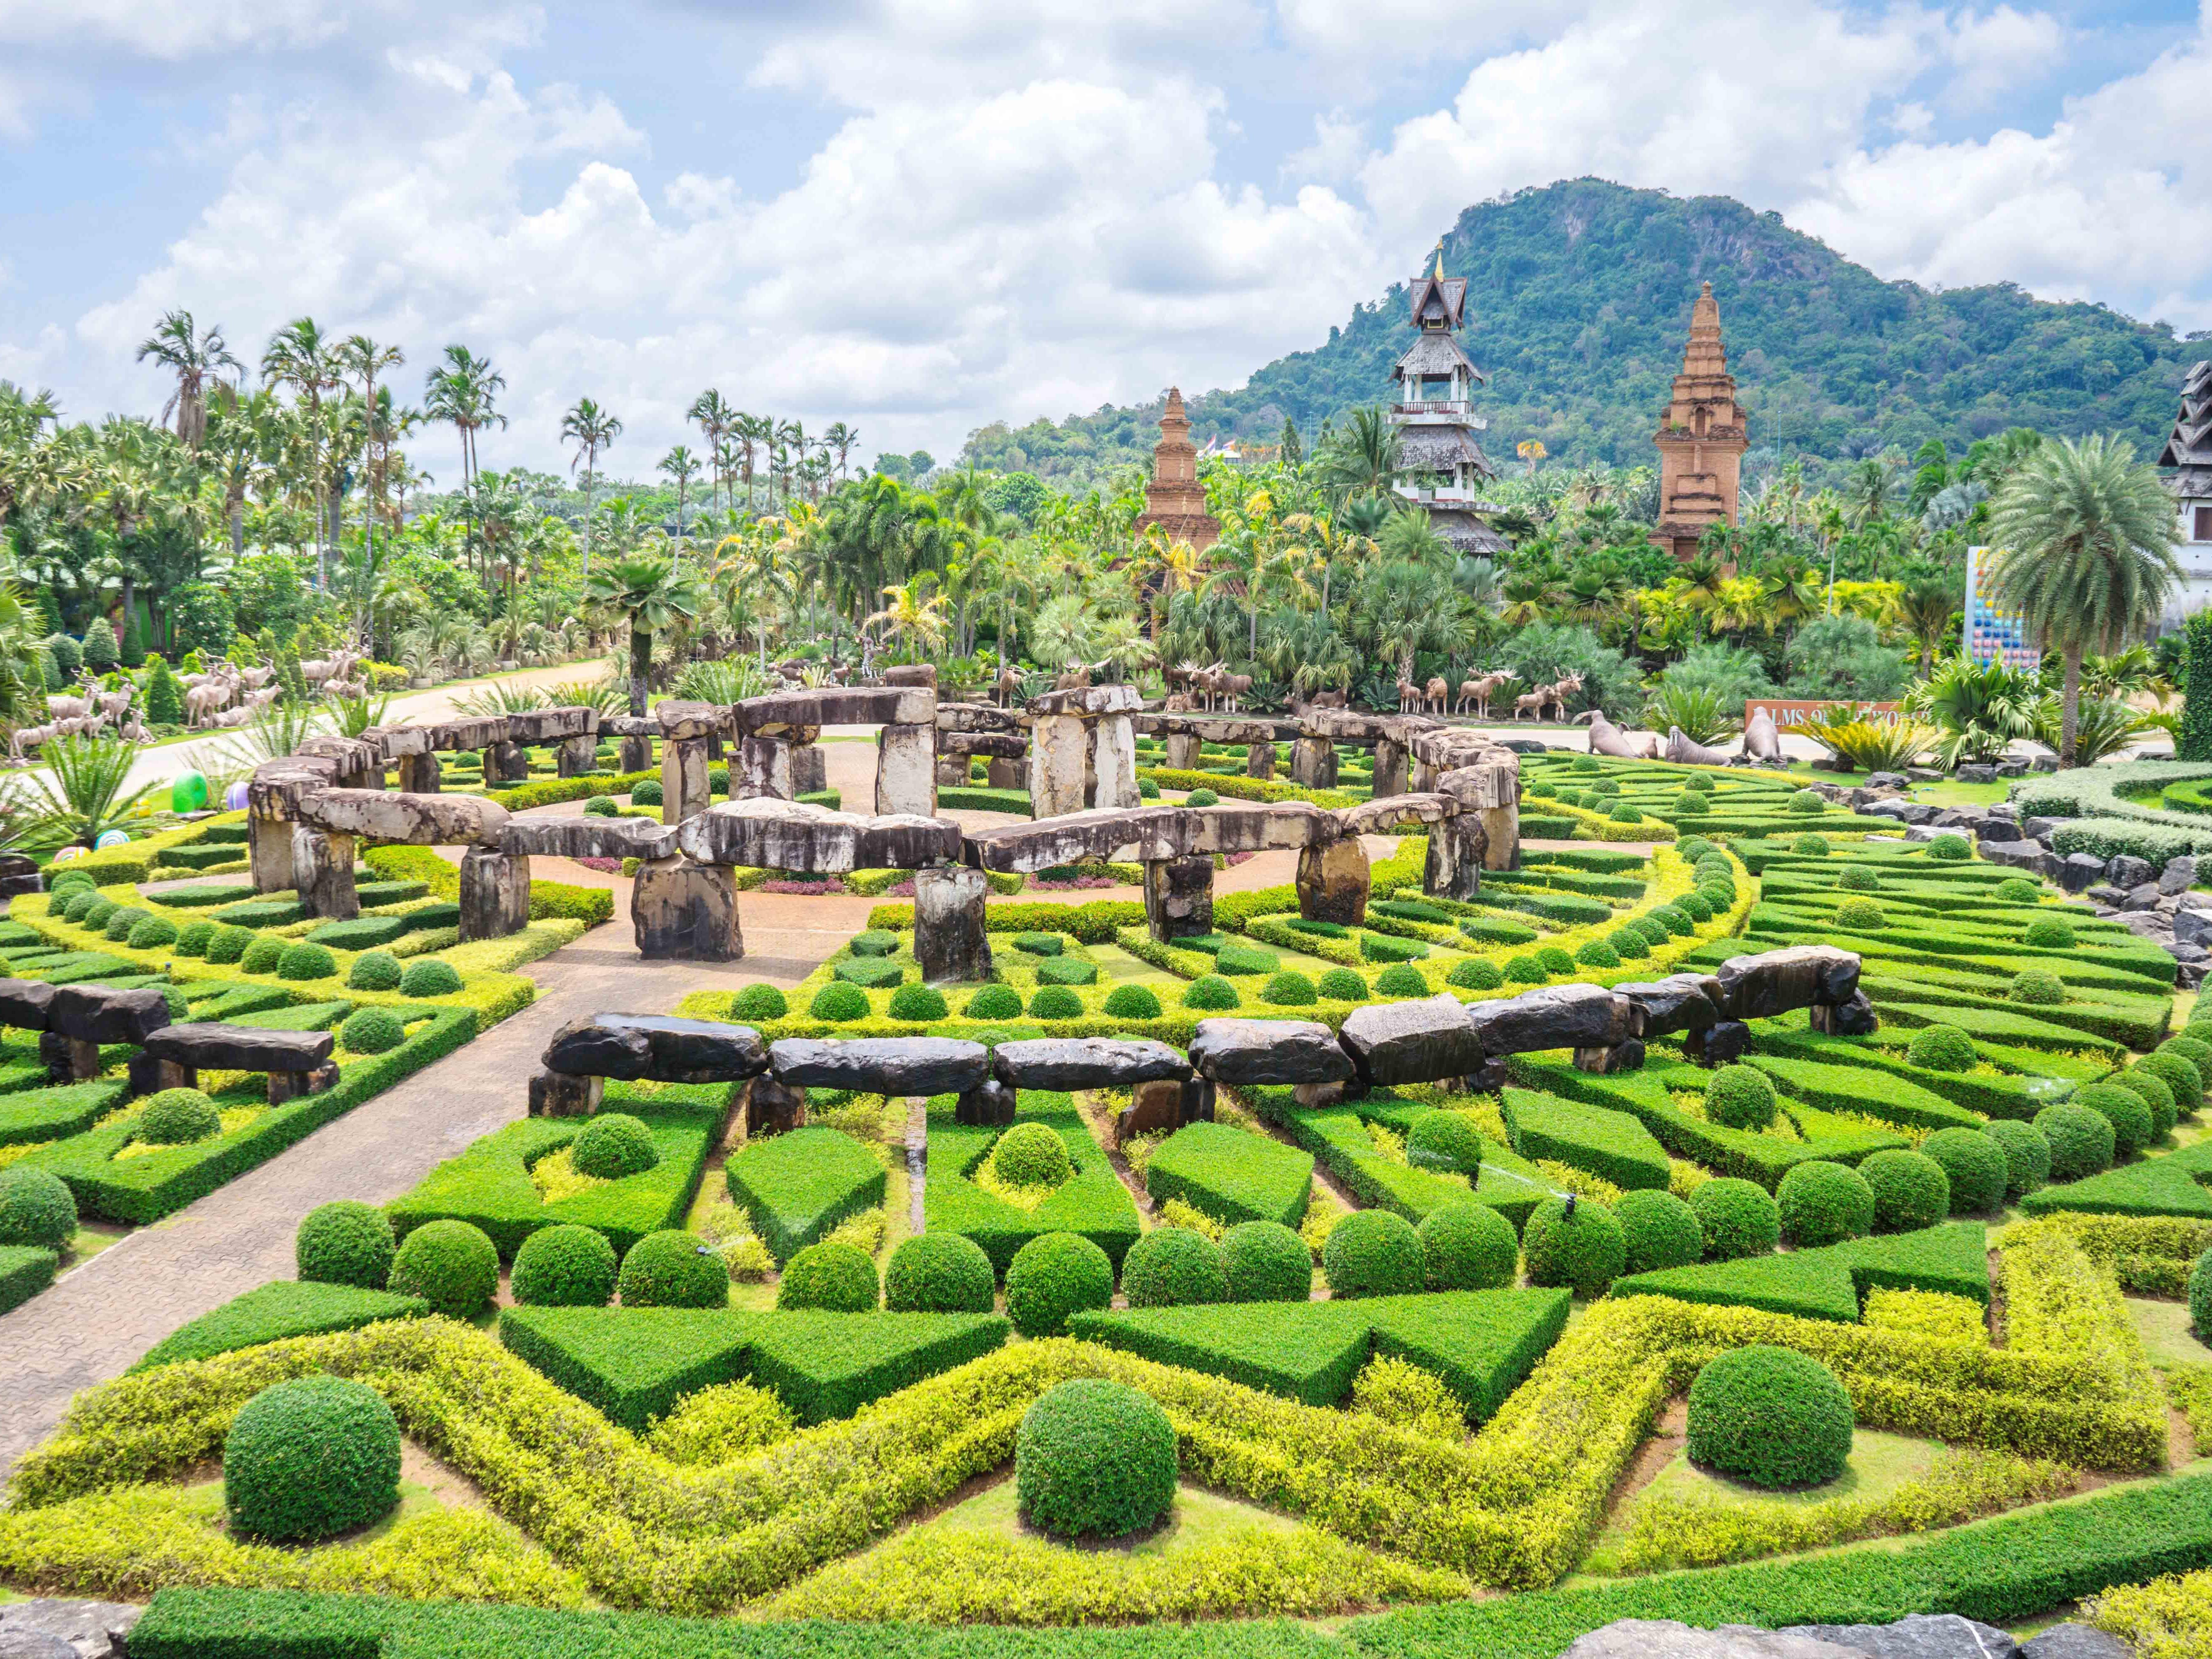 Nong Nooch Tropical Garden and Cultural Village